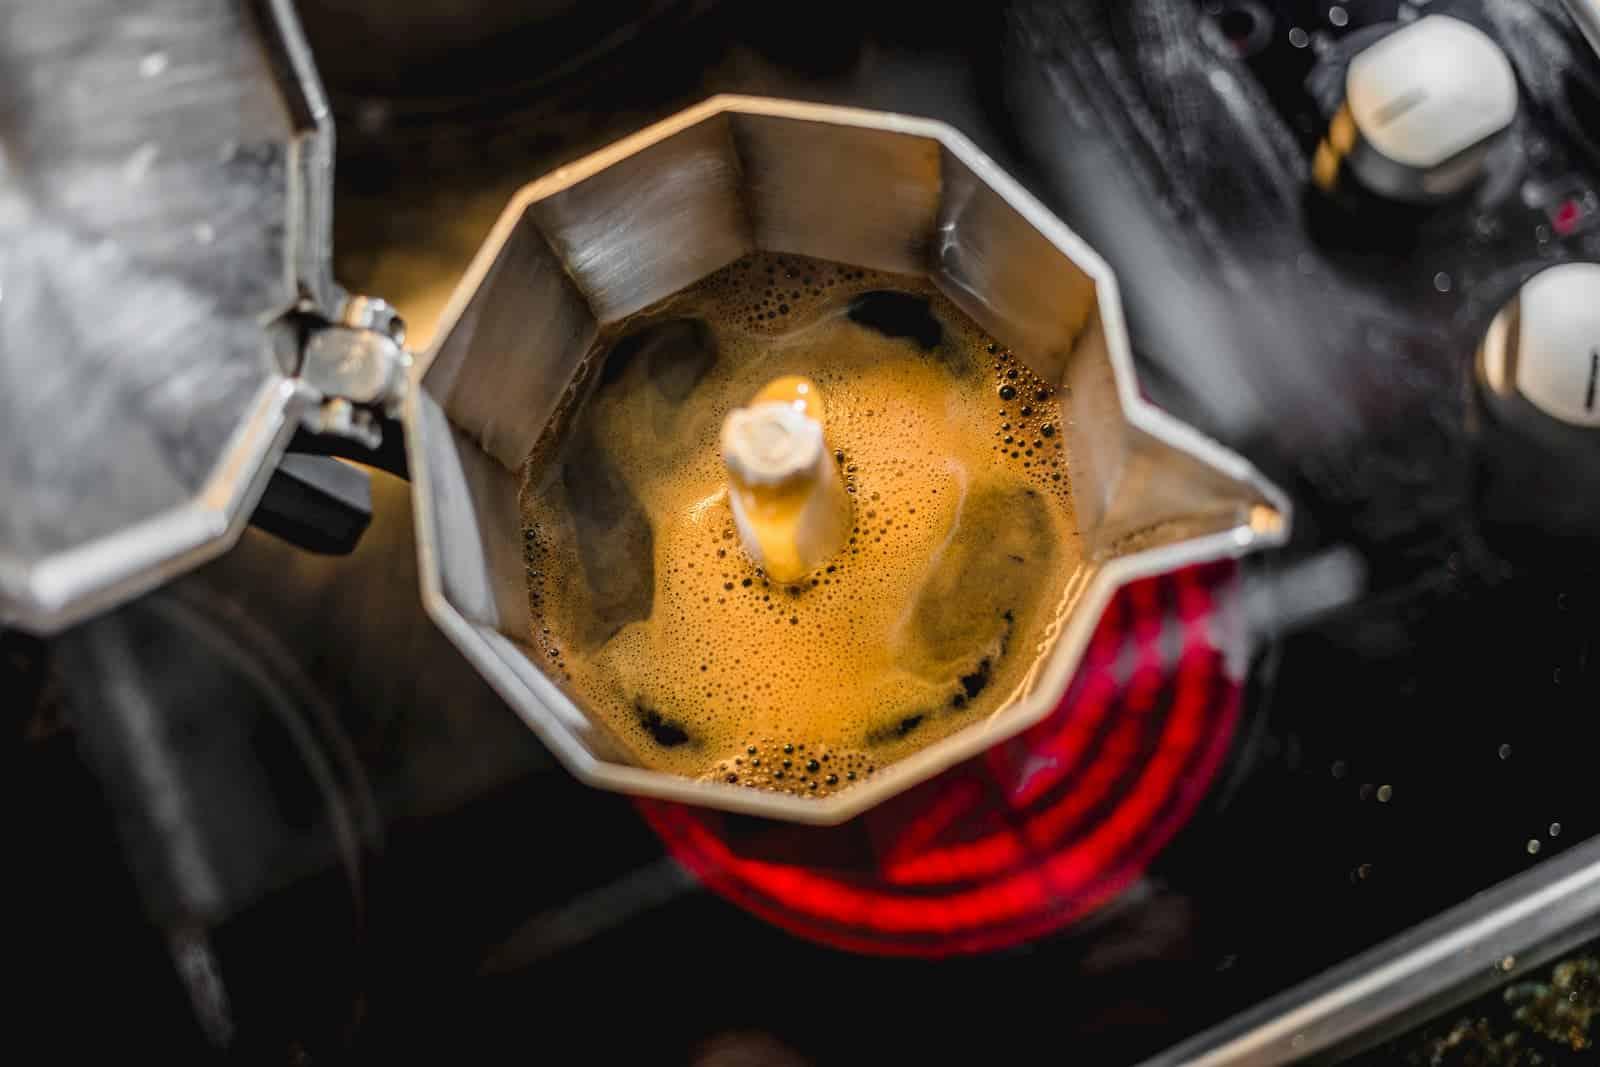 preparando café na cafeteira no fogão